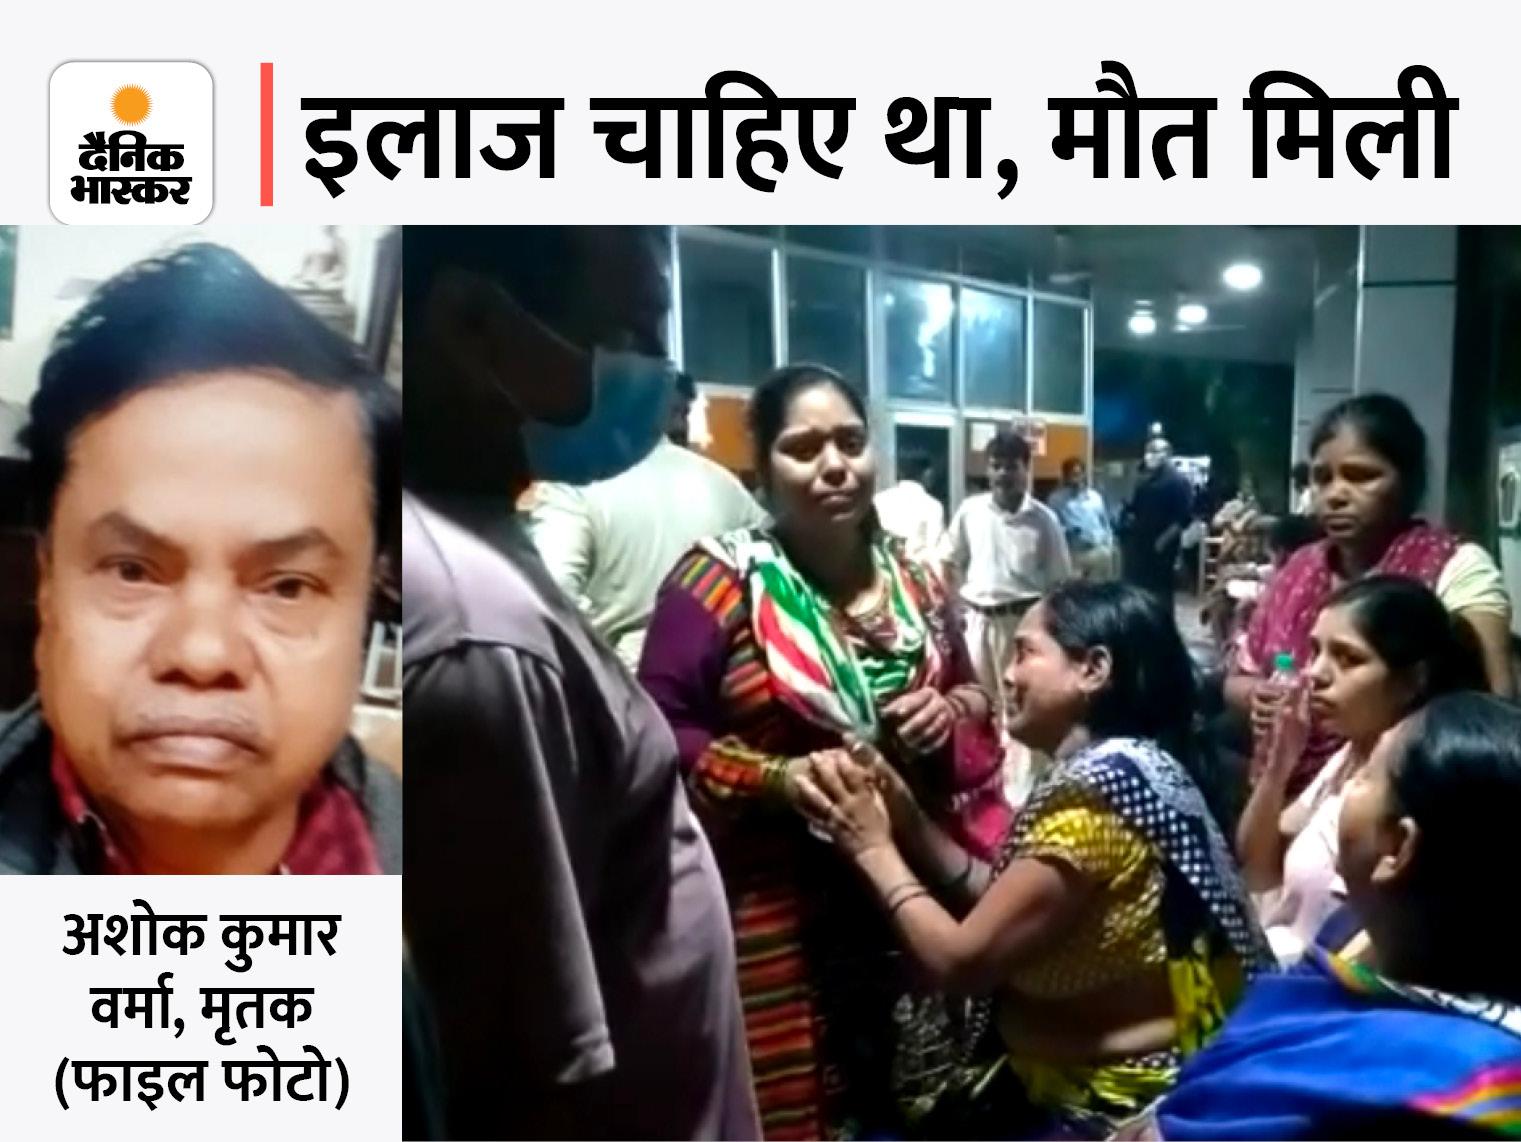 सुरेश राणा को एयरपोर्ट छोड़ने गए थे, अचानक तबीयत बिगड़ी और दम तोड़ दिया; घरवालों का आरोप- बीमारी के बावजूद गाड़ी चलवाने के लिए बुलाया गया था|लखनऊ,Lucknow - Dainik Bhaskar